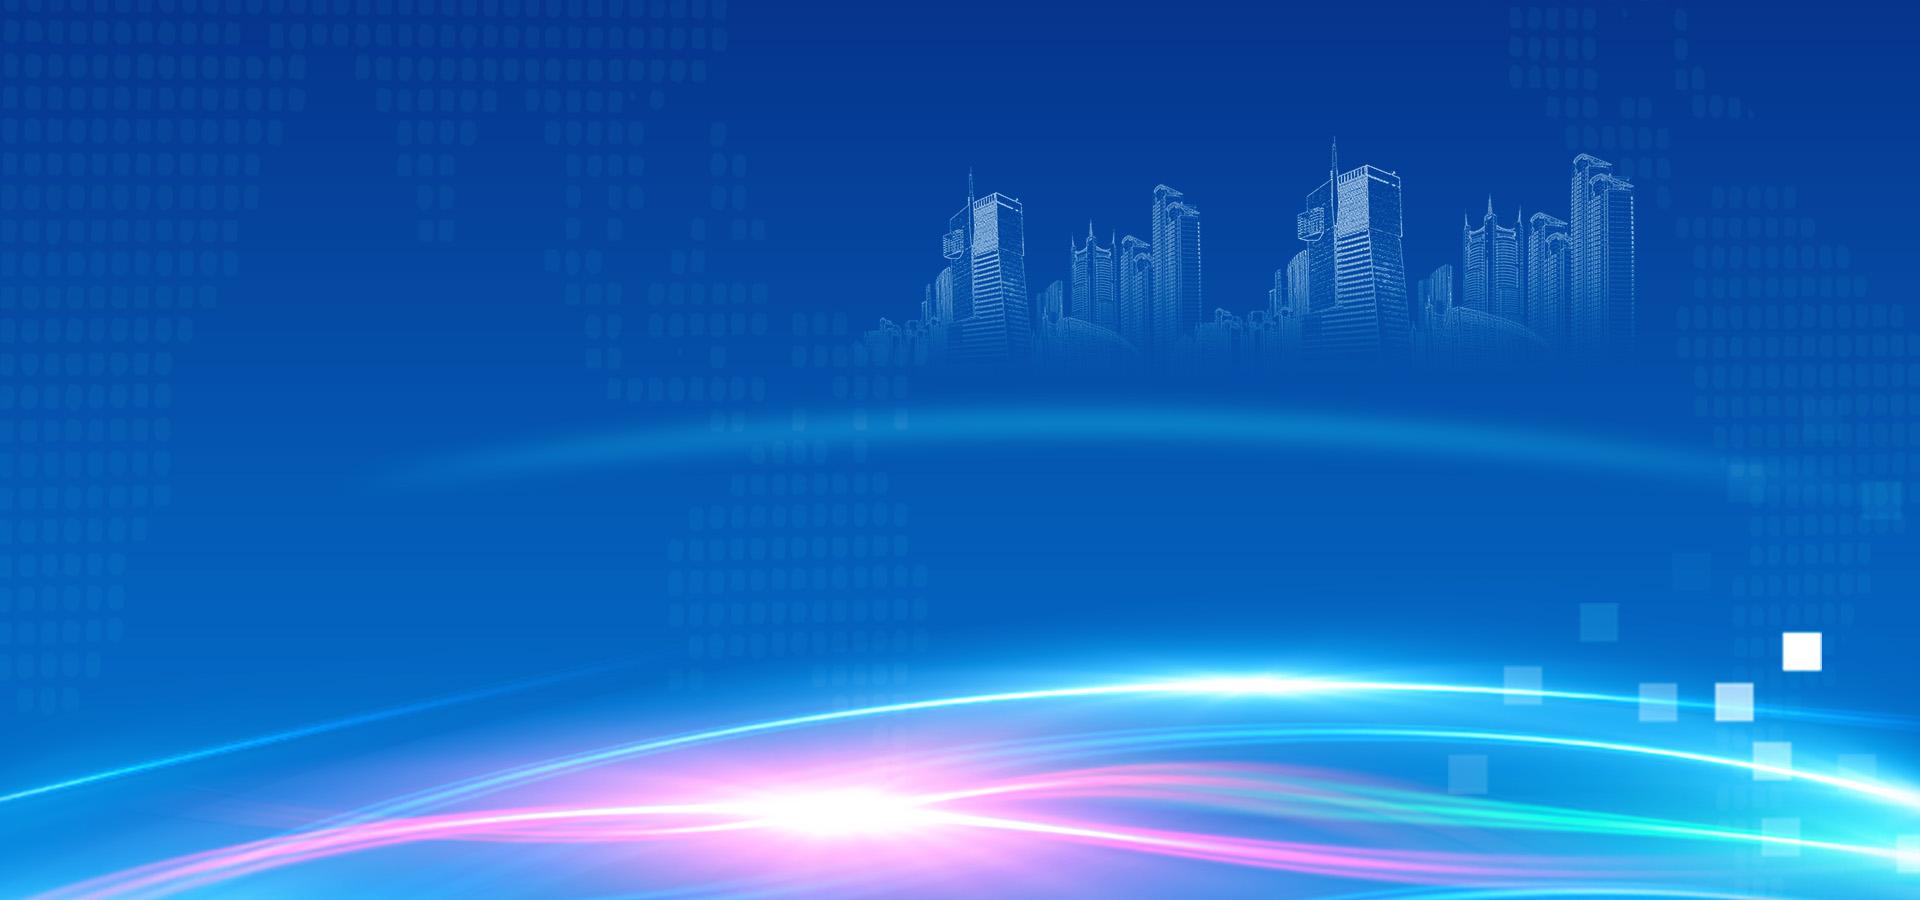 light digital space design background  laser  motion